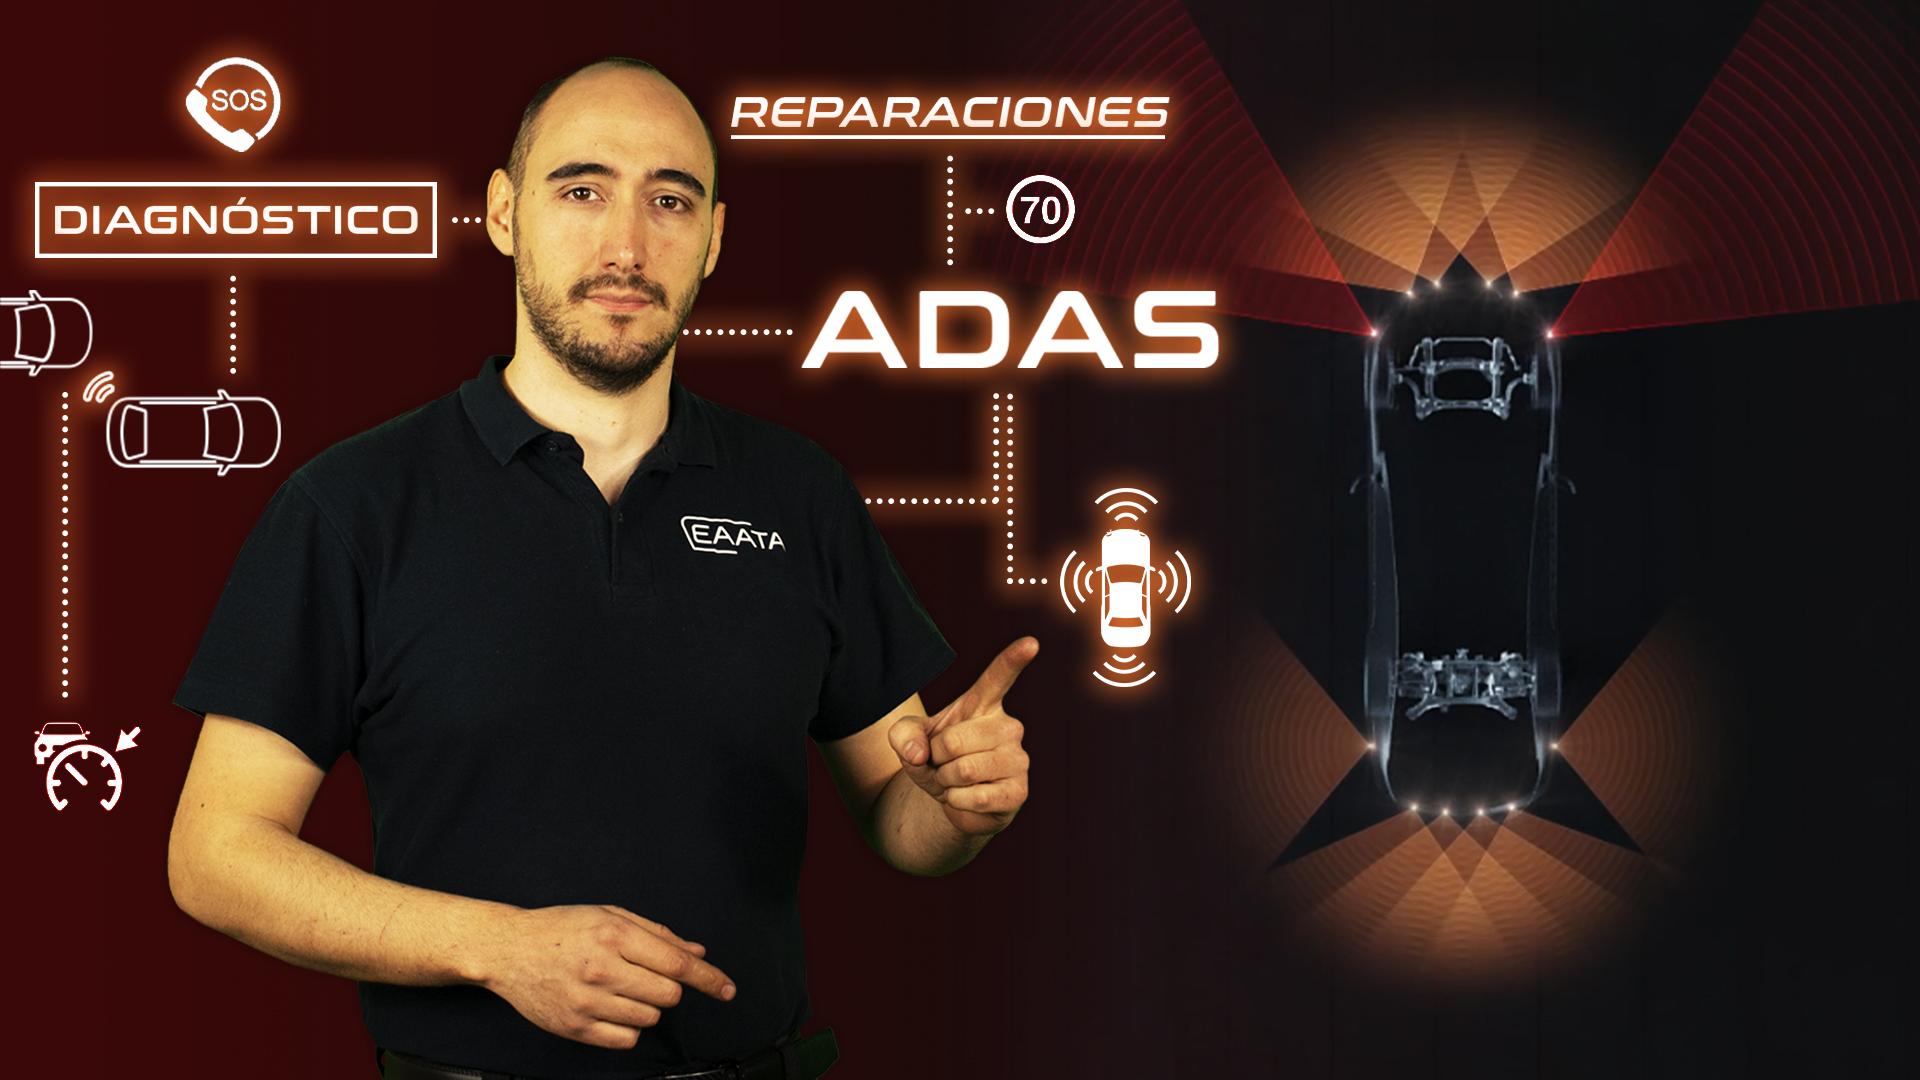 Miniatura--ADAS,-Diagnóstico-y-Reparaciones